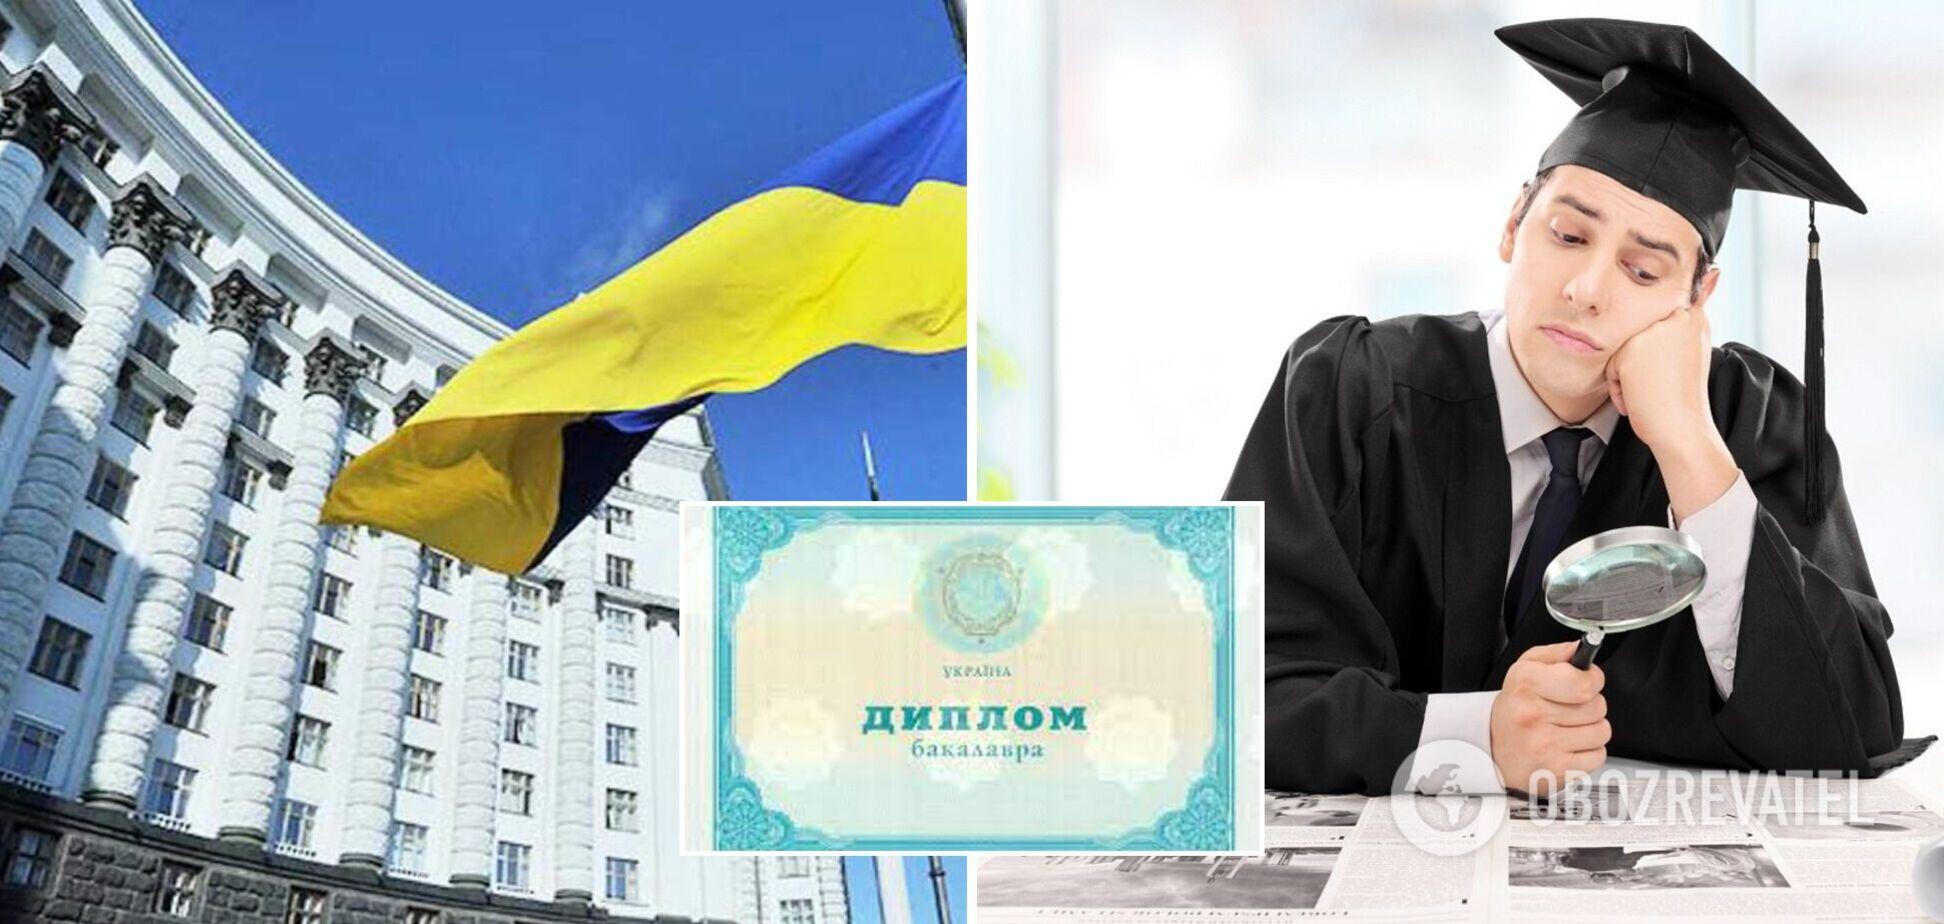 В Україні у бакалаврів і магістрів можуть анулювати дипломи за плагіат: все, що потрібно знати